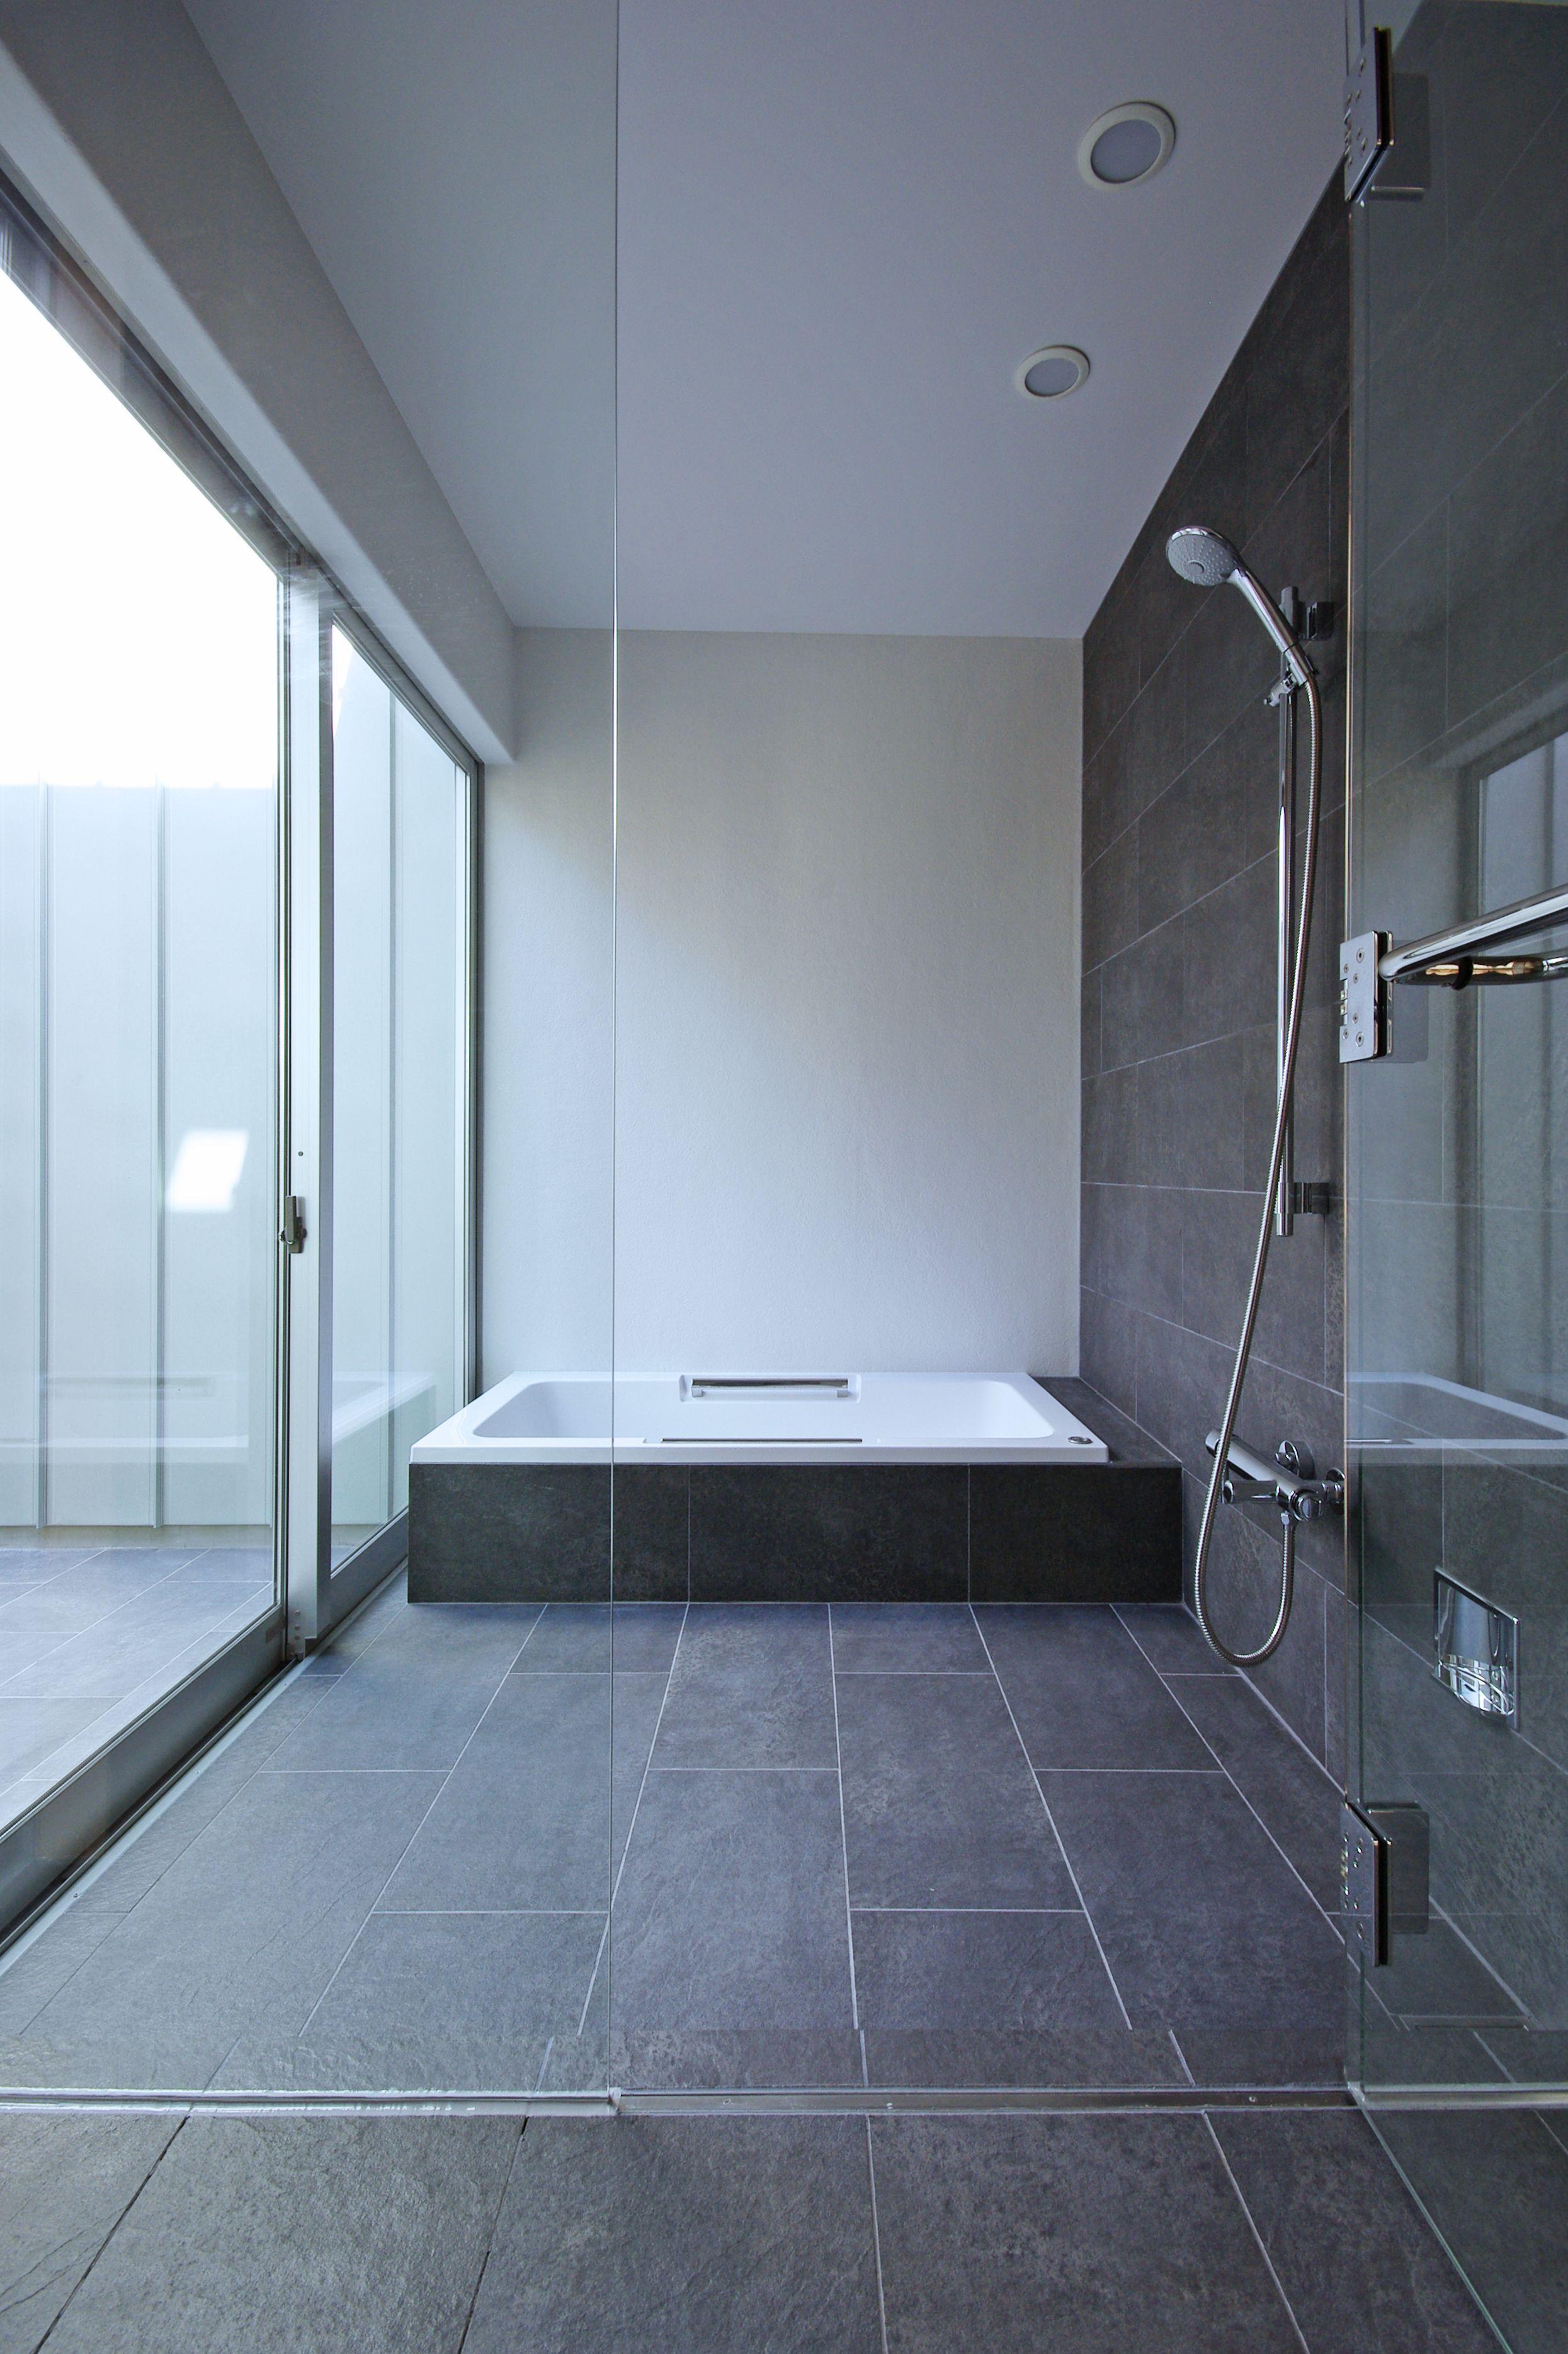 在来の浴室 床はタイル張り 壁はfrp防水 塗装と水栓側はタイル張り